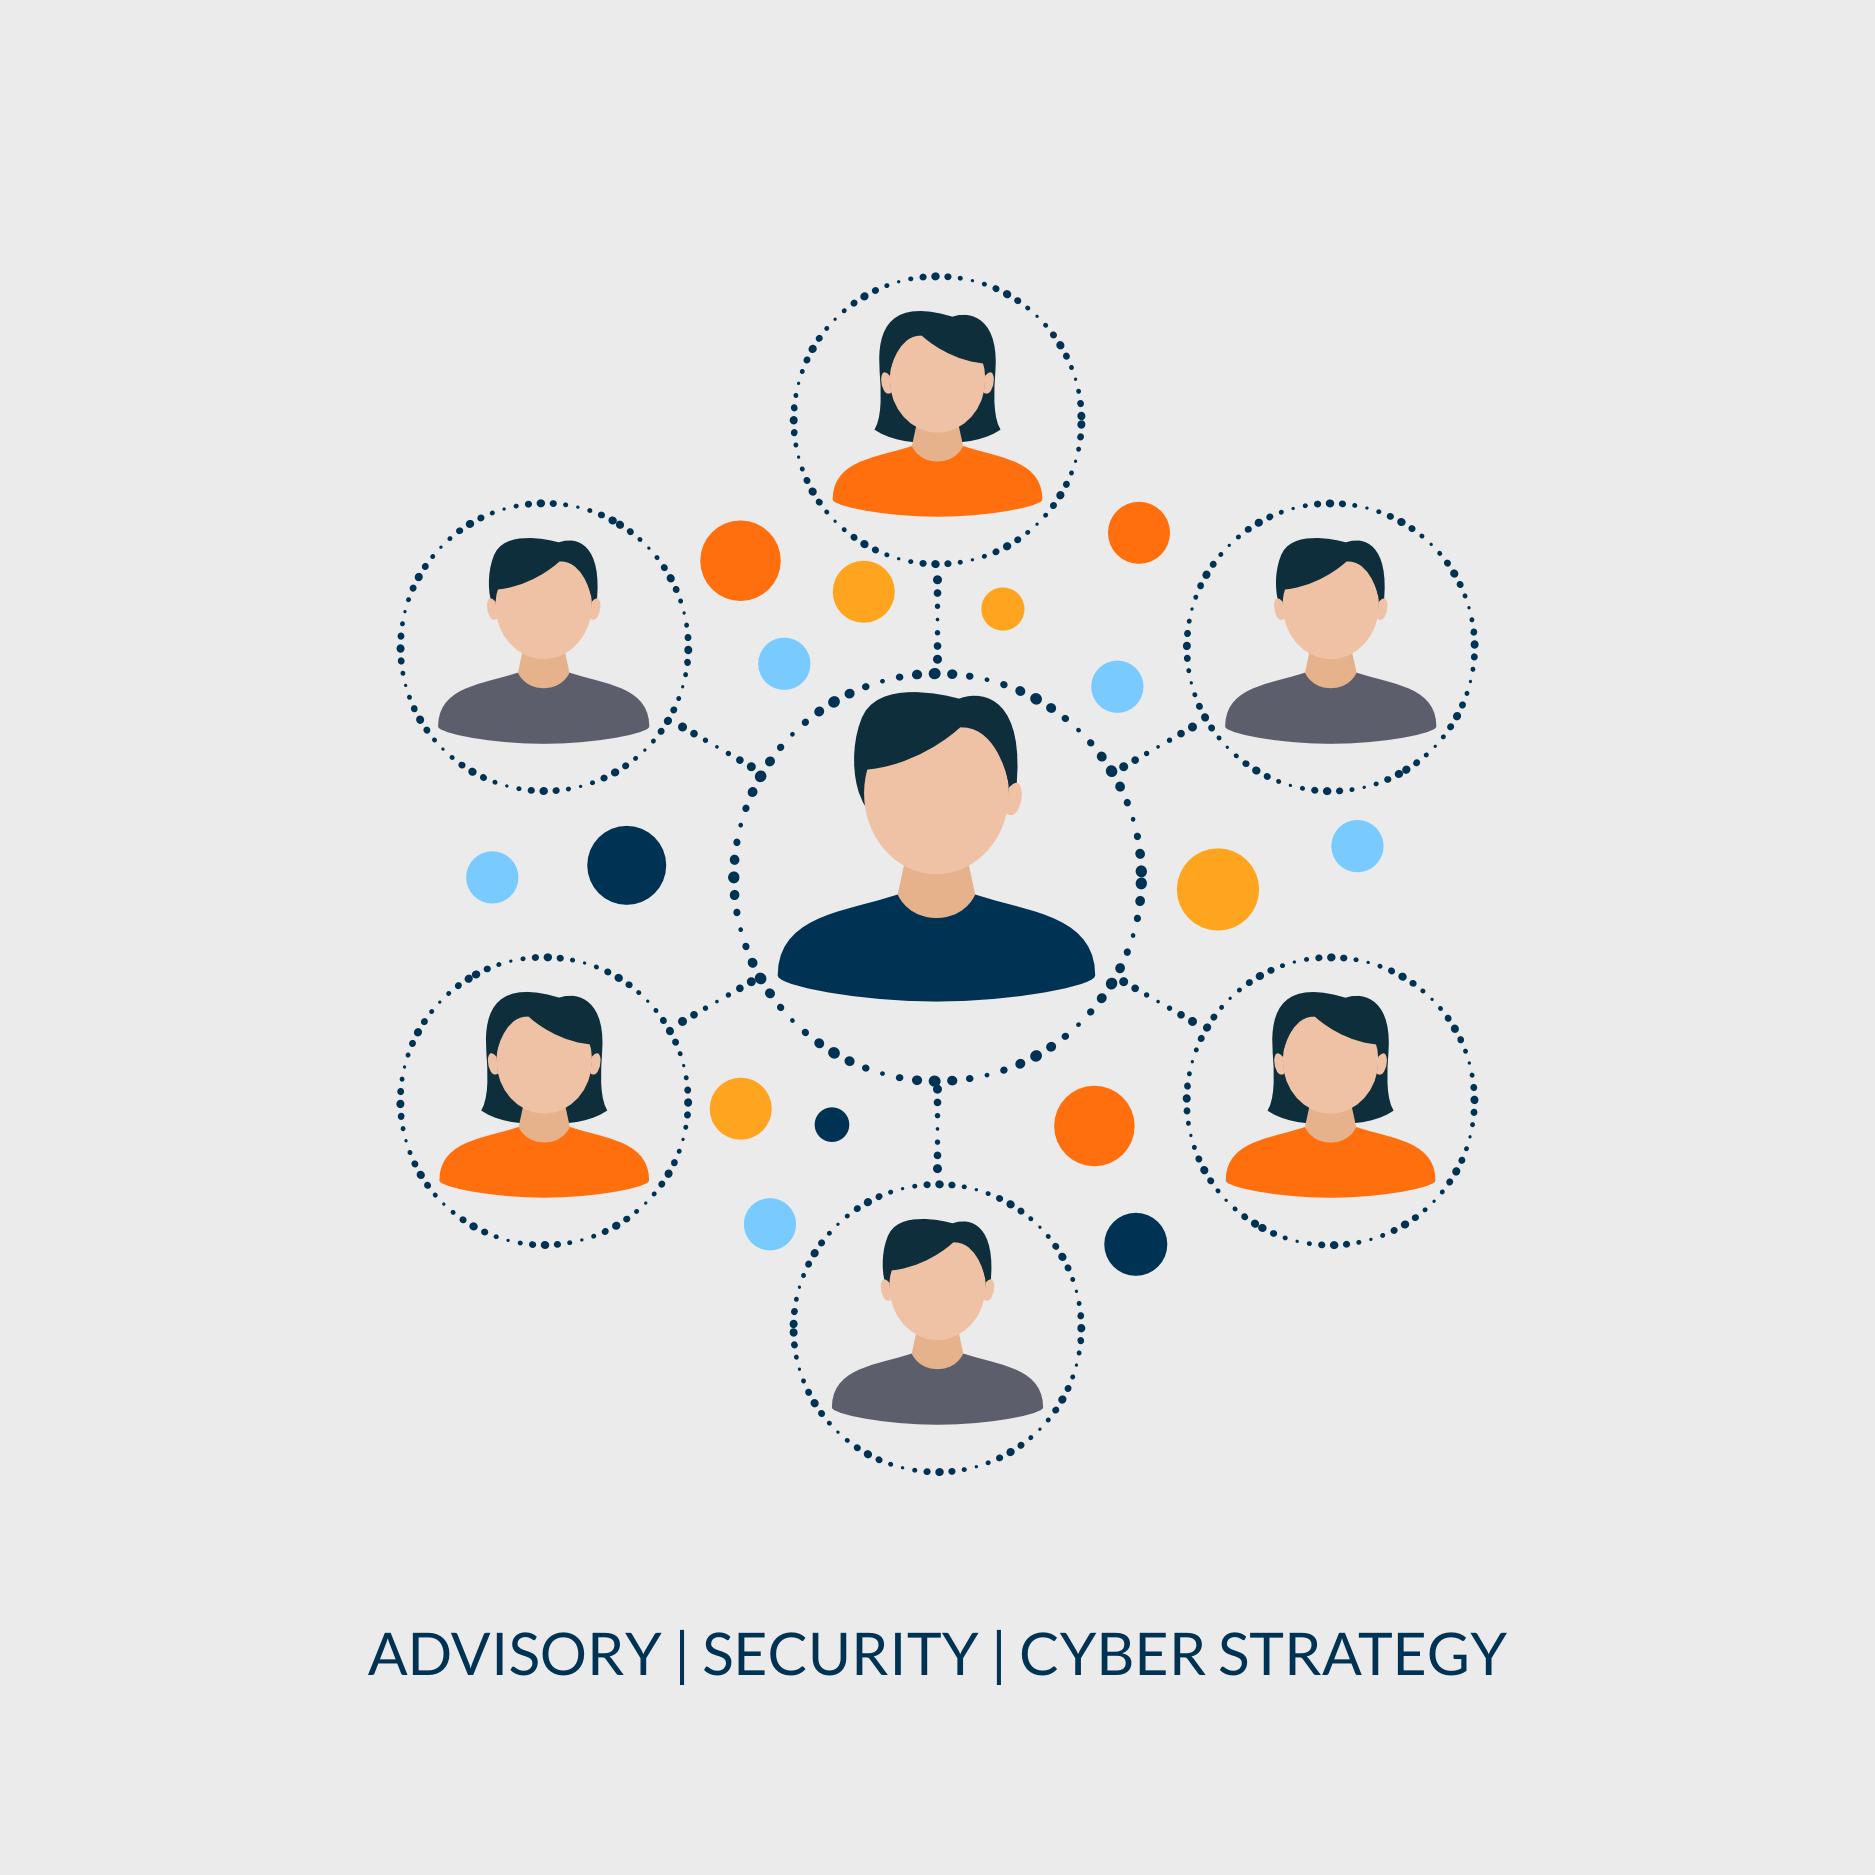 zybrstate advisory security cyber strategy